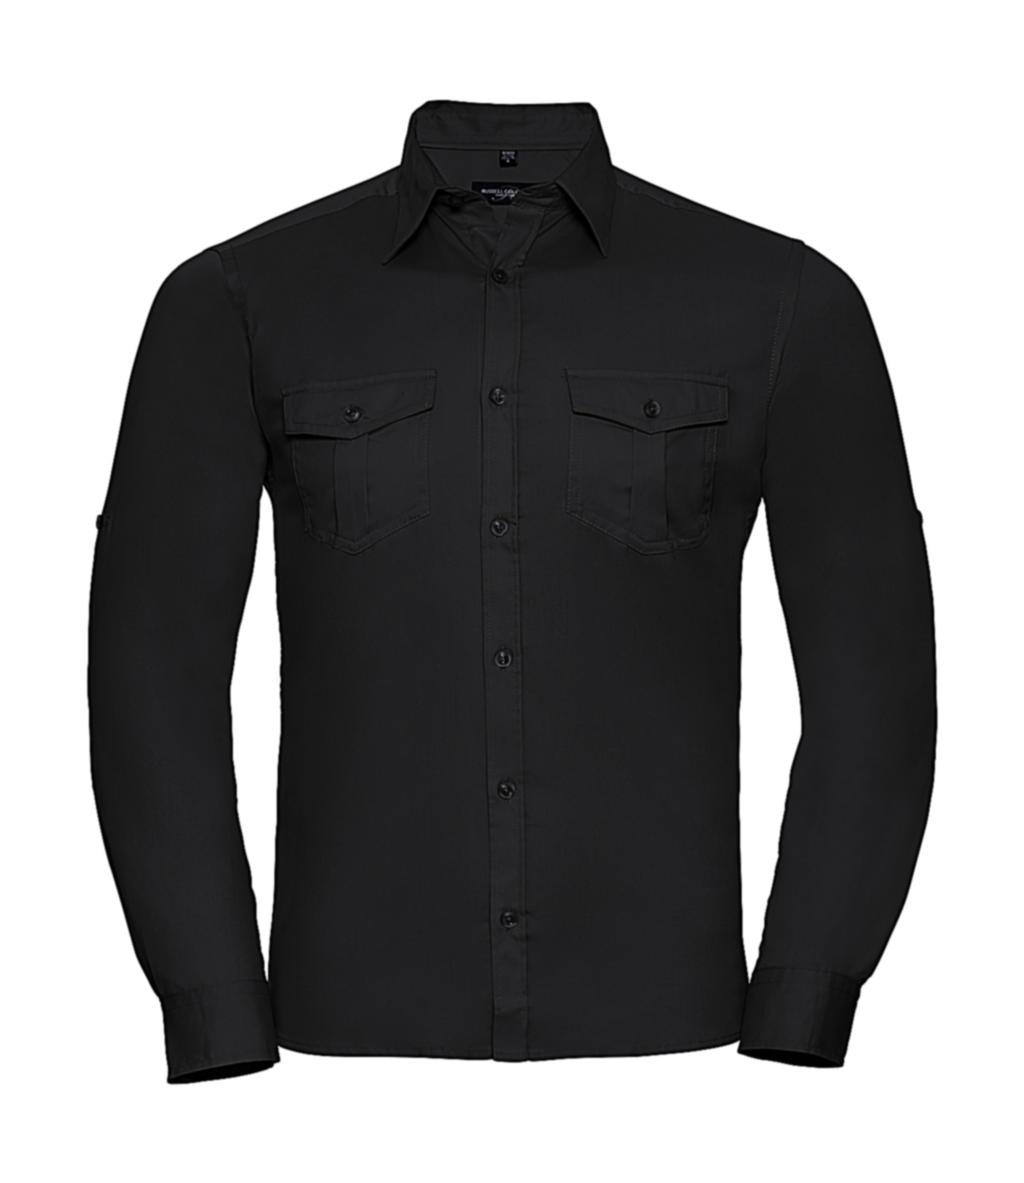 Pánská košile Roll Sleeve s dlouhými rukávy - zvìtšit obrázek